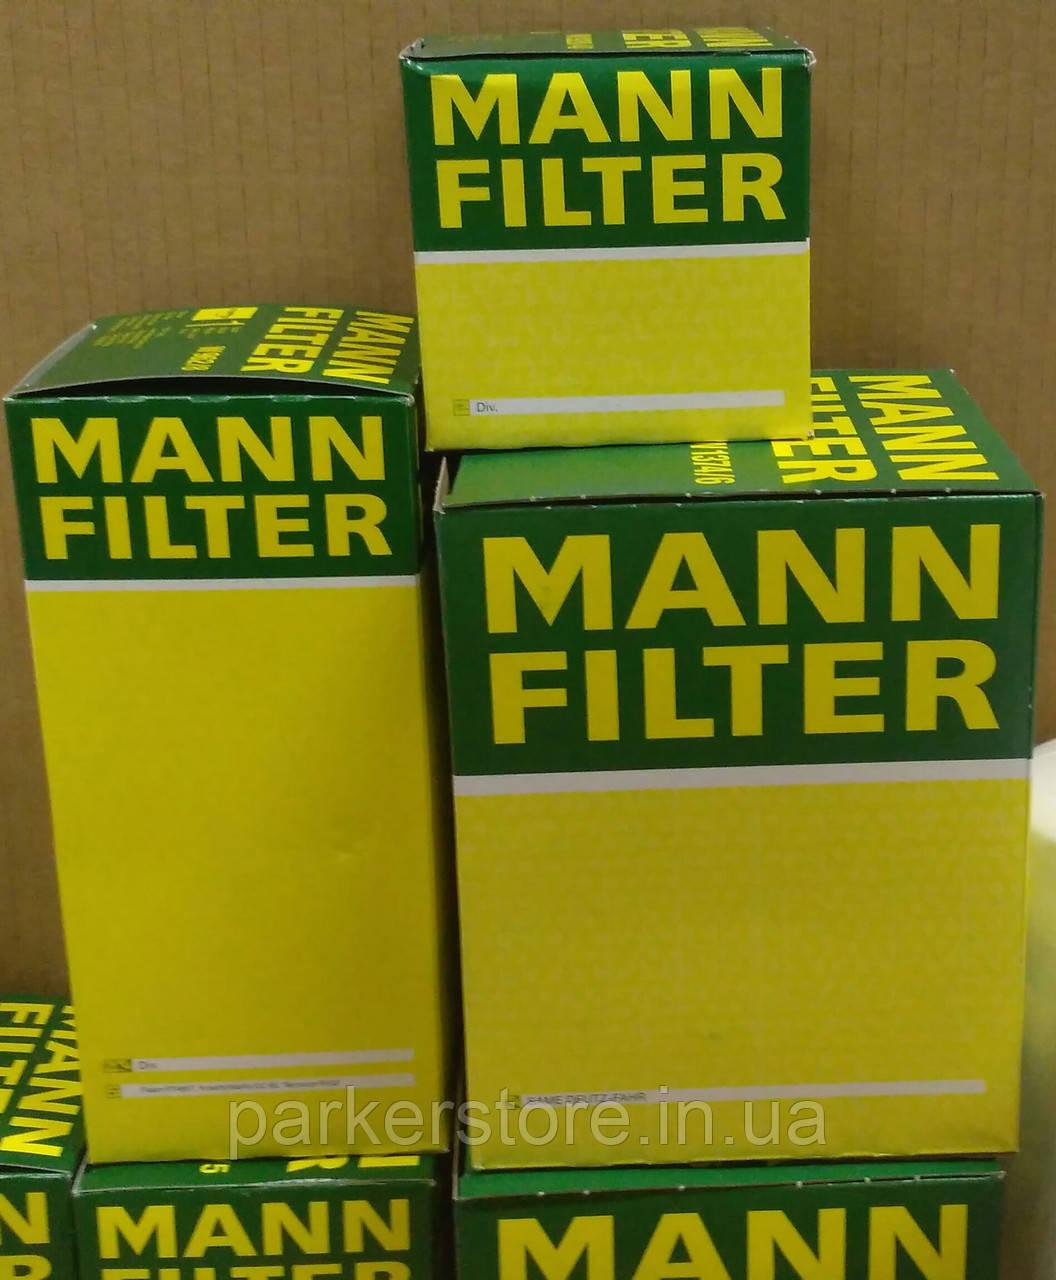 MANN FILTER / Повітряний фільтр / C 14 101 / C14101